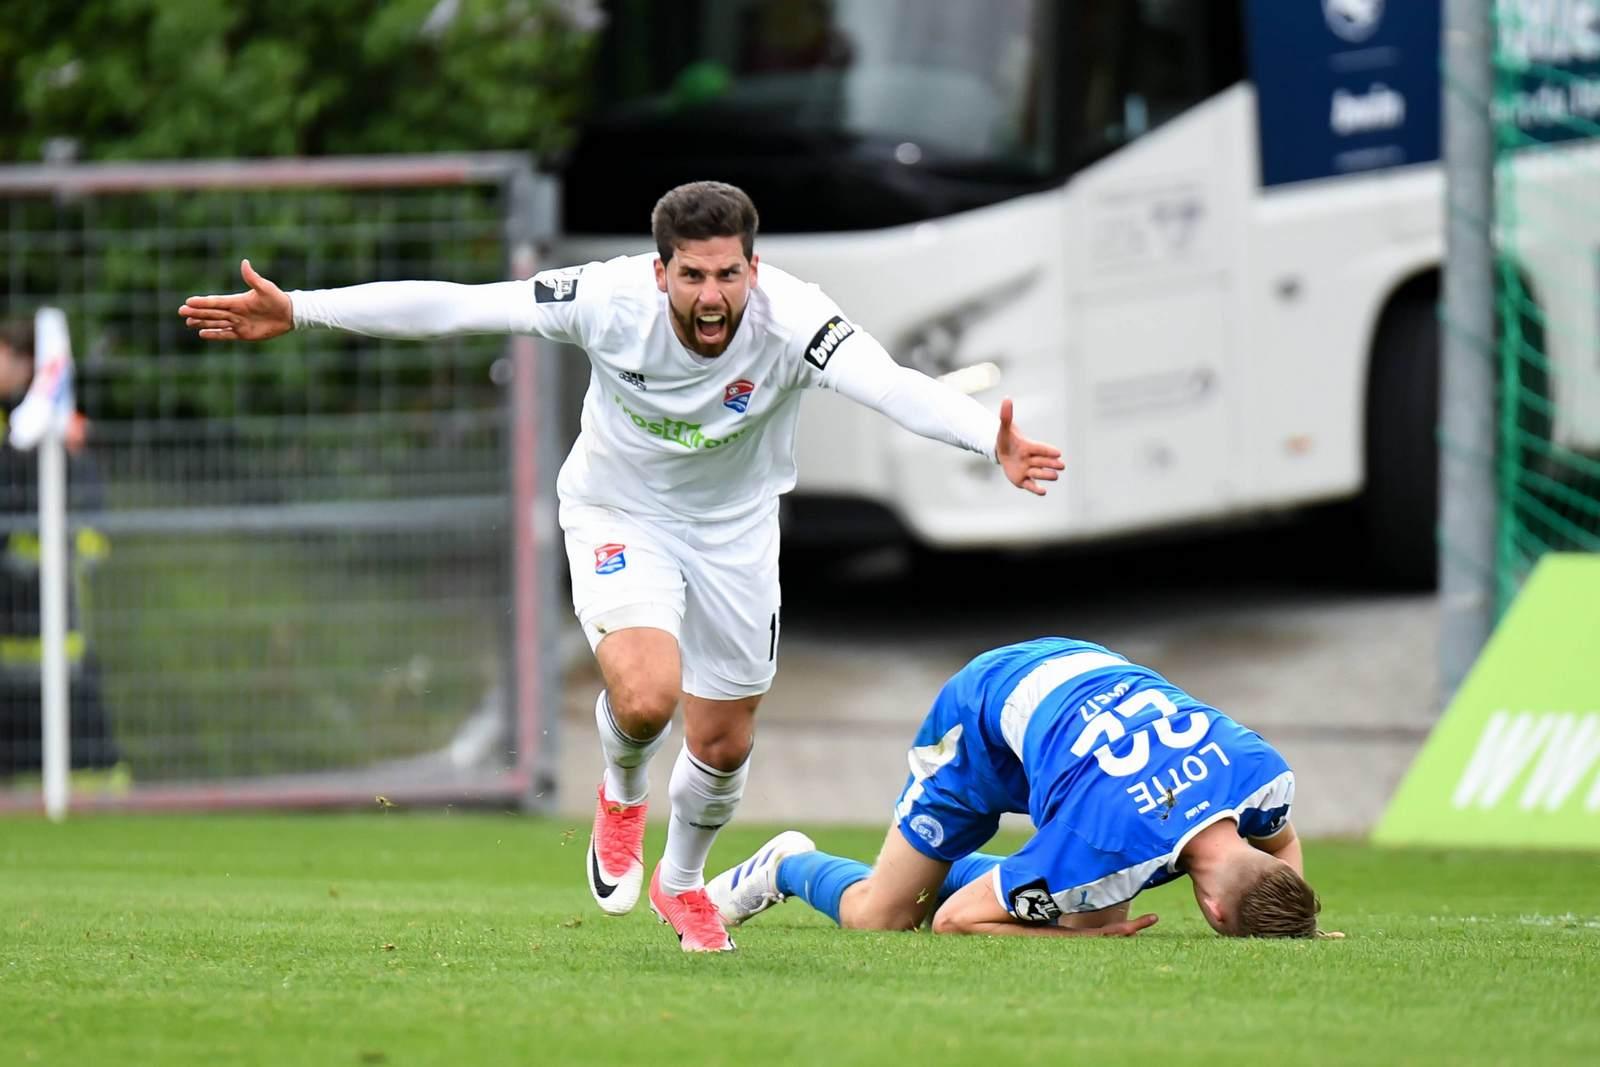 Stefan Schimmer im Spiel gegen Lotte.